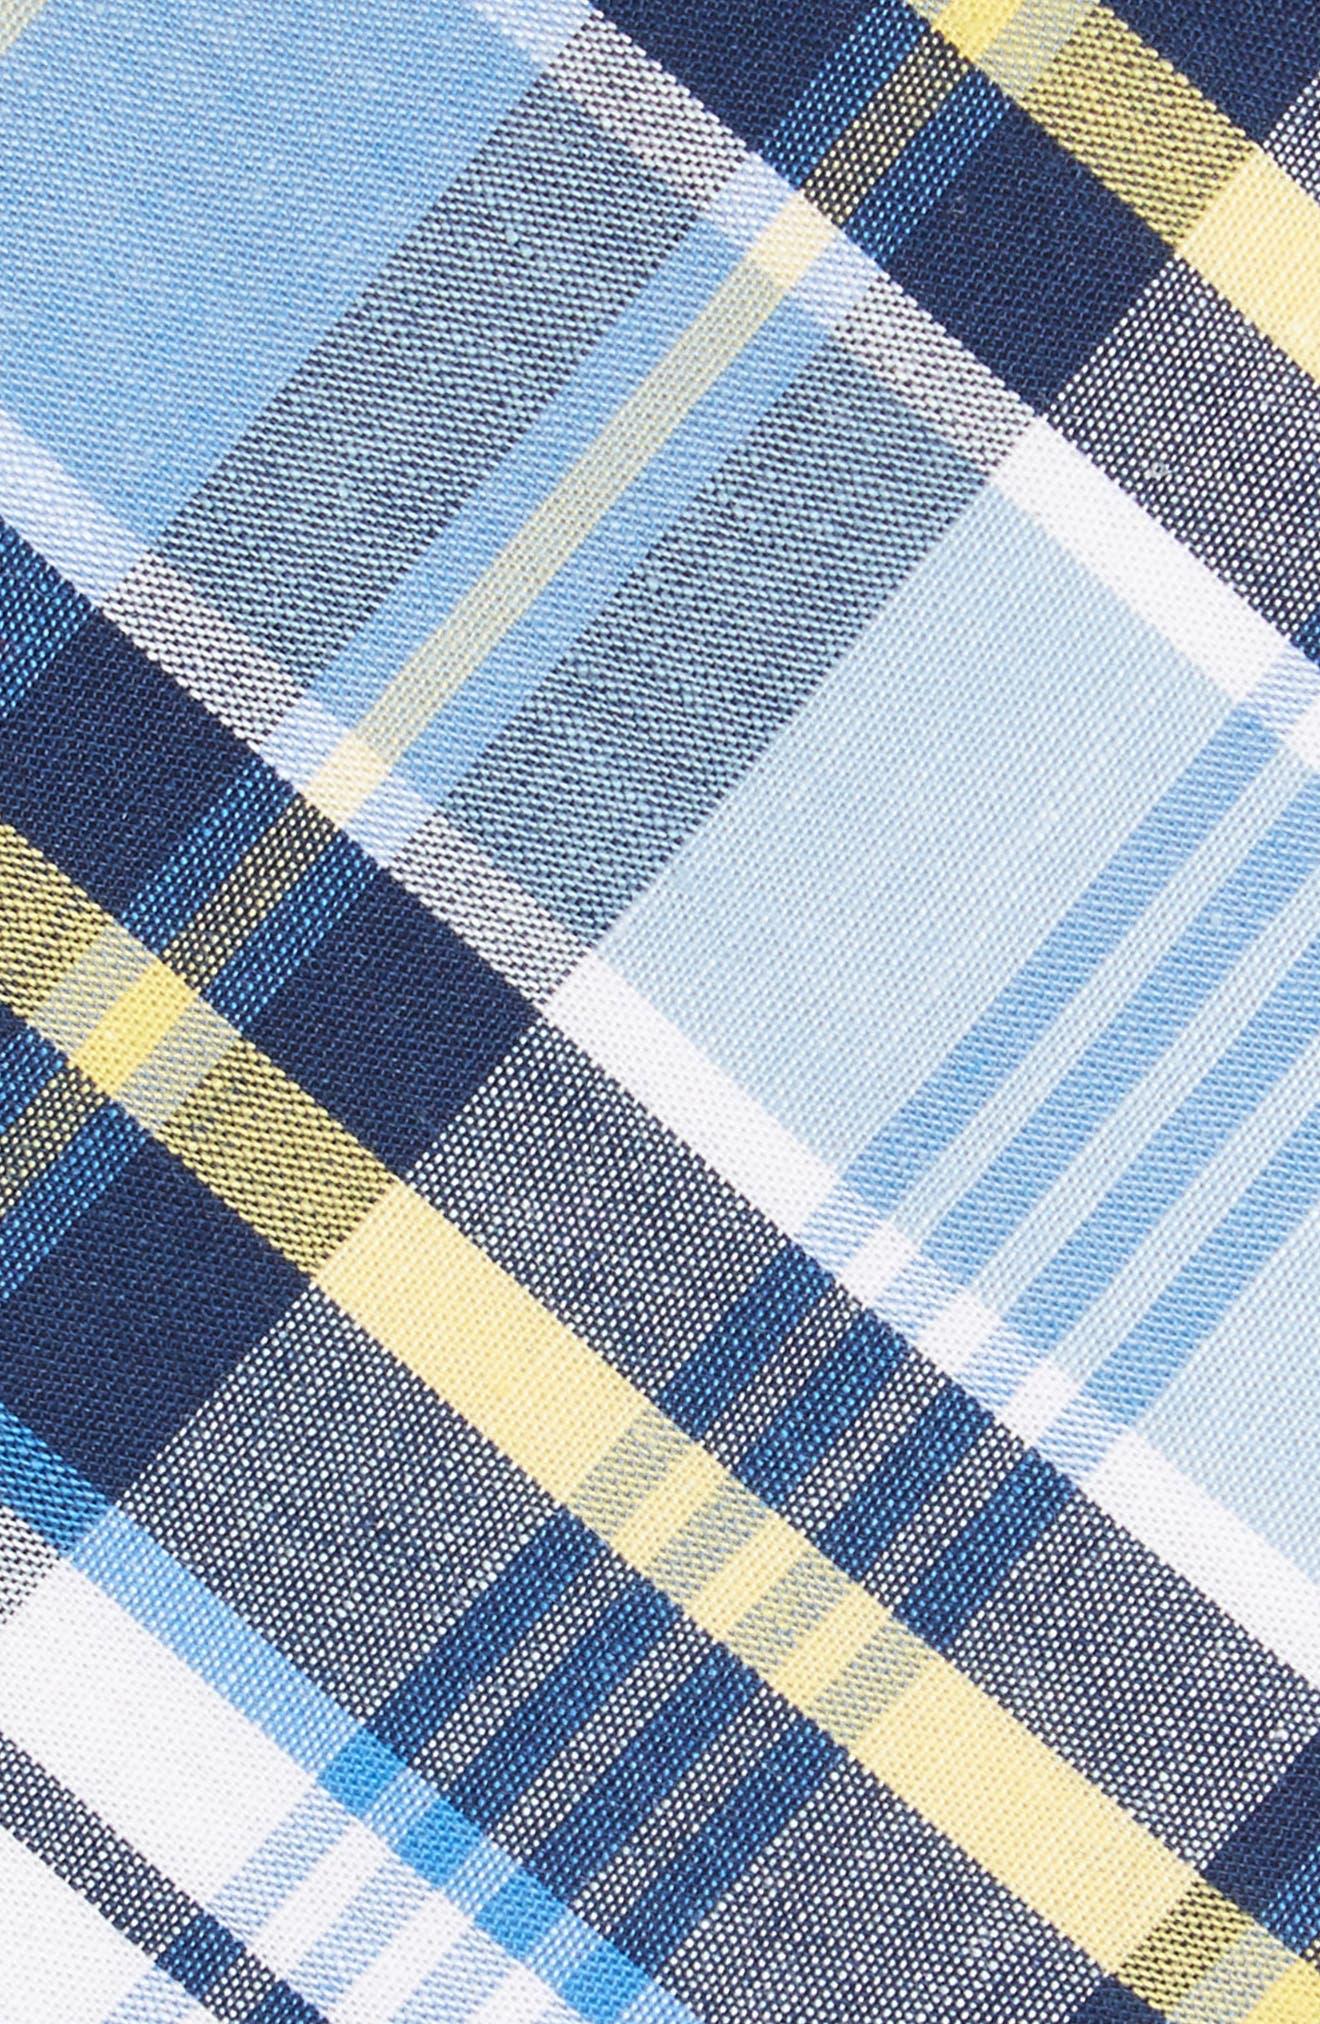 Sean Plaid Cotton Tie,                             Alternate thumbnail 2, color,